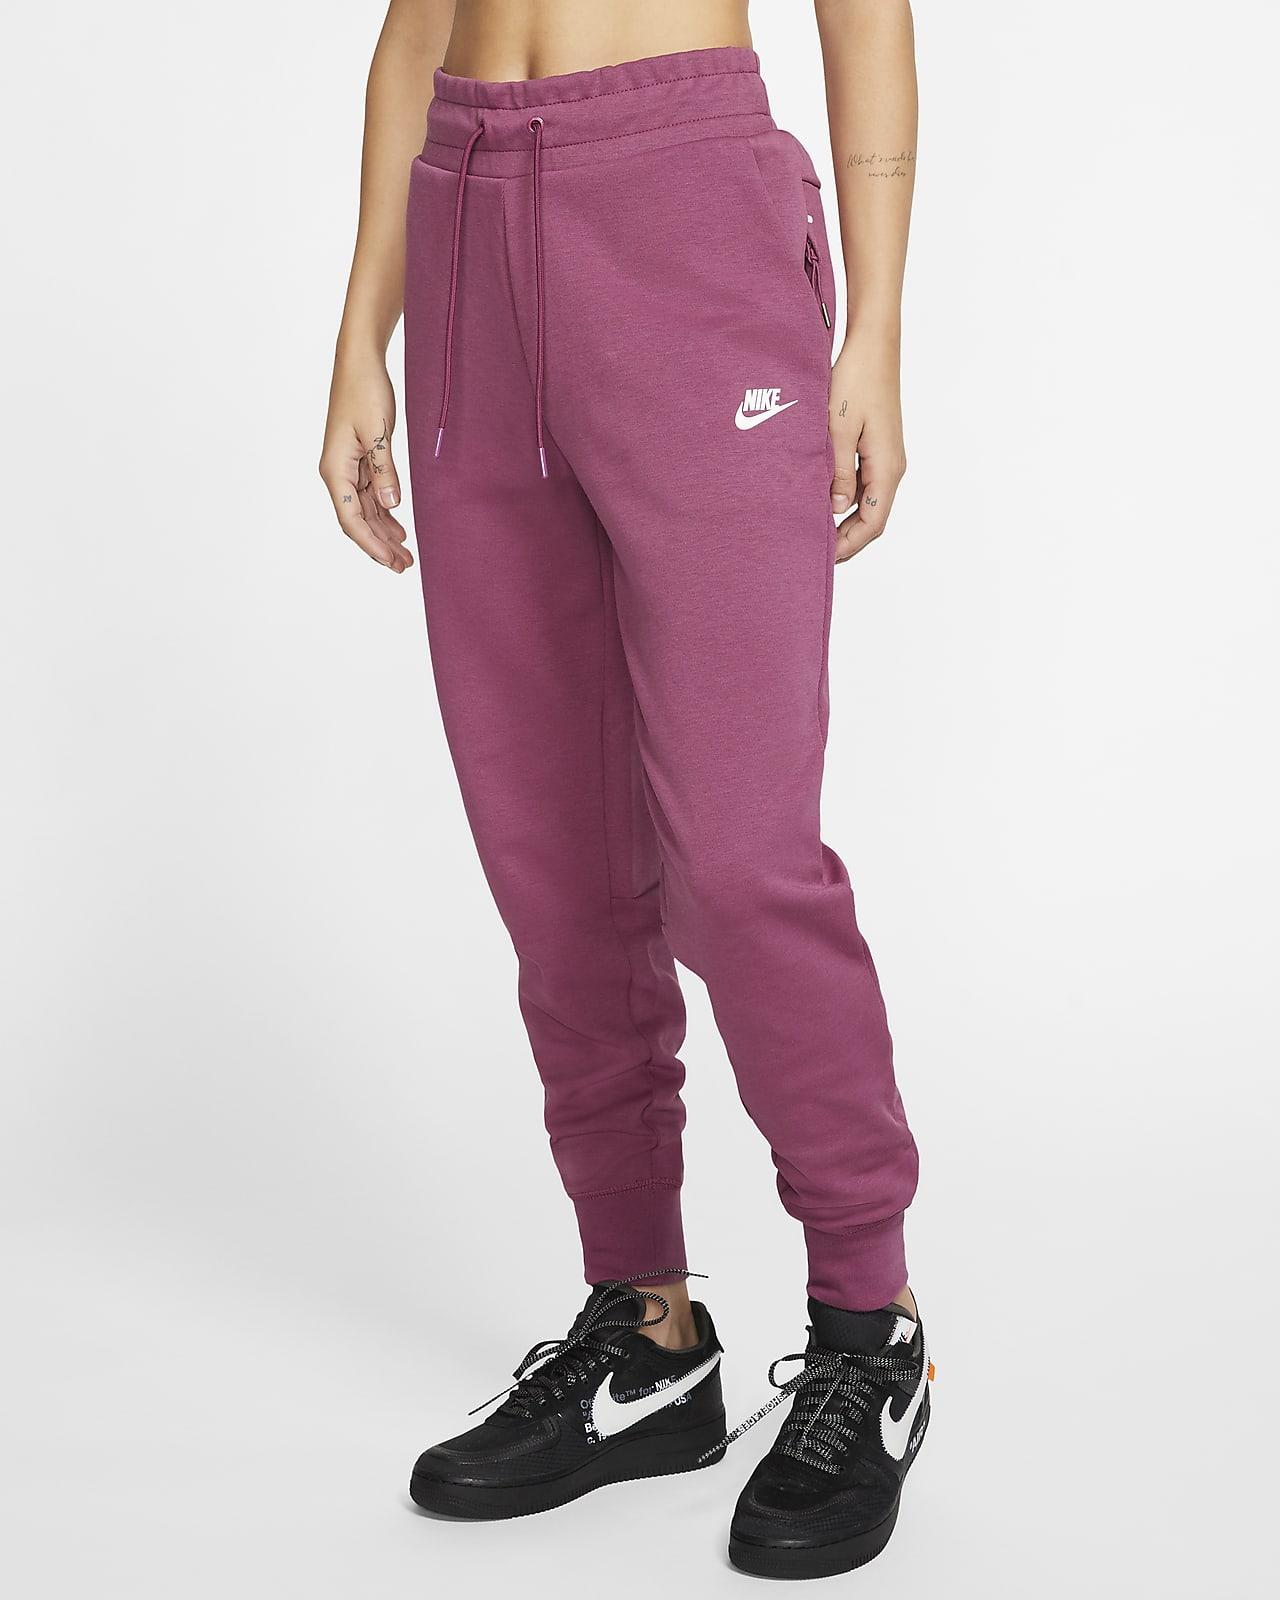 Pantalon Nike Tech Fleece Mujer 50 Descuento Bosca Ec